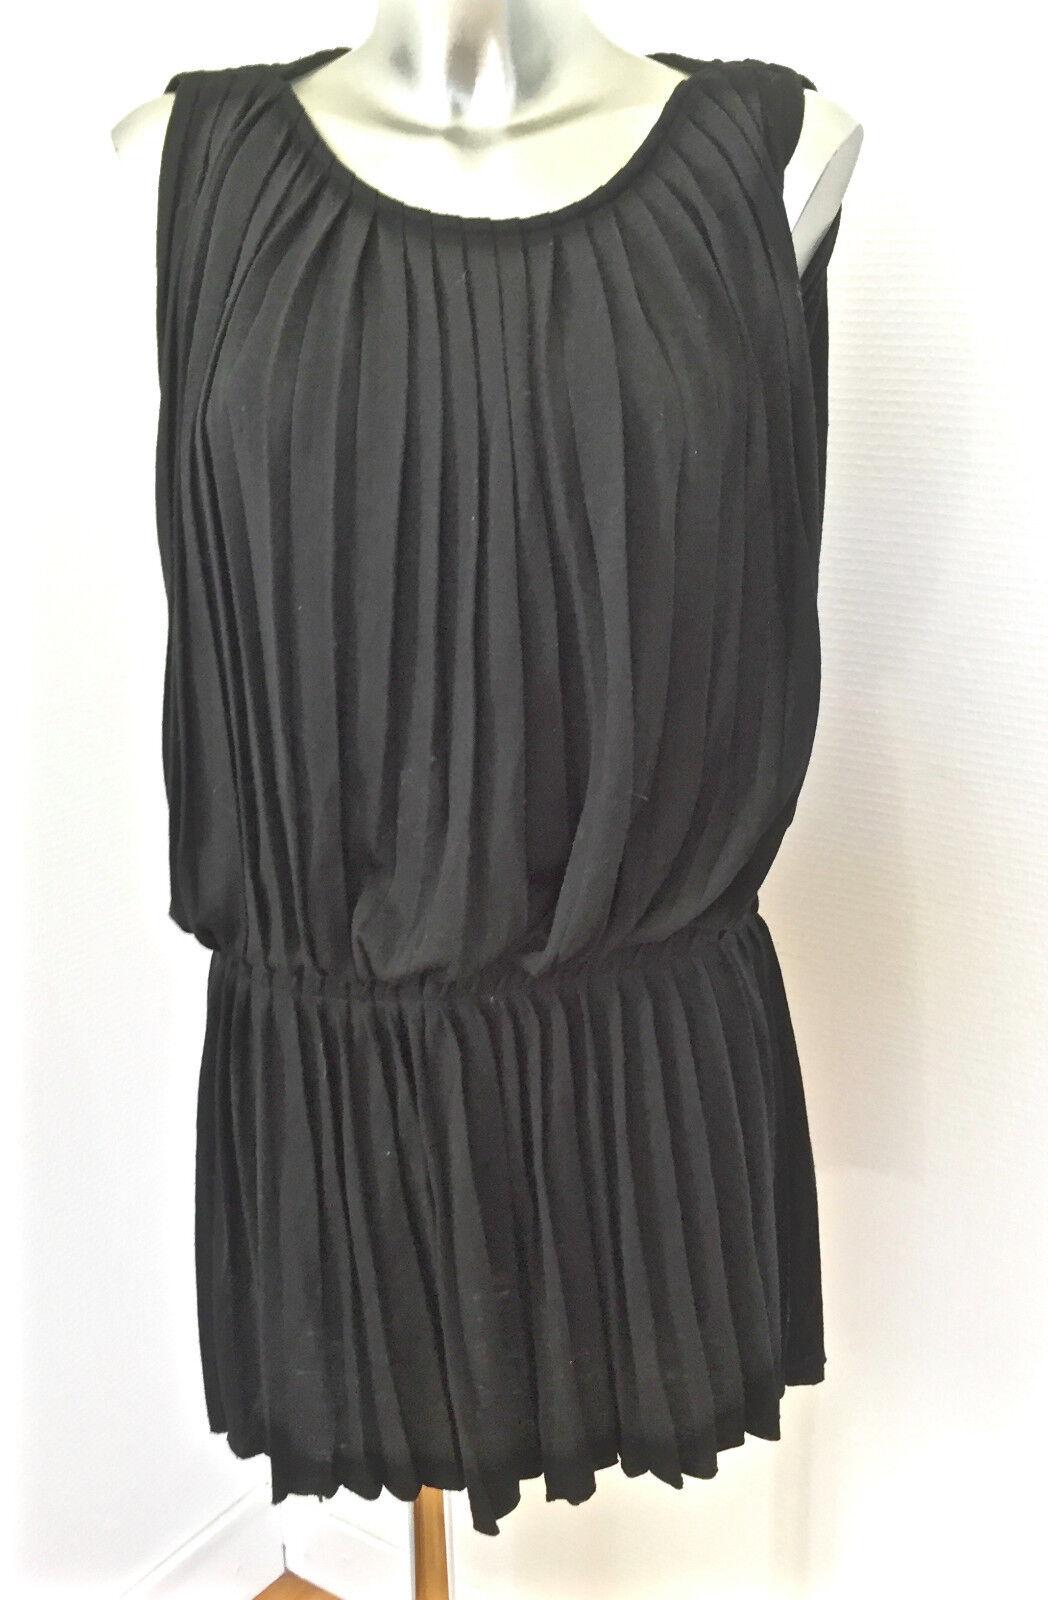 MAJE modello empire bel vestito senza maniche di lana nero taglia S